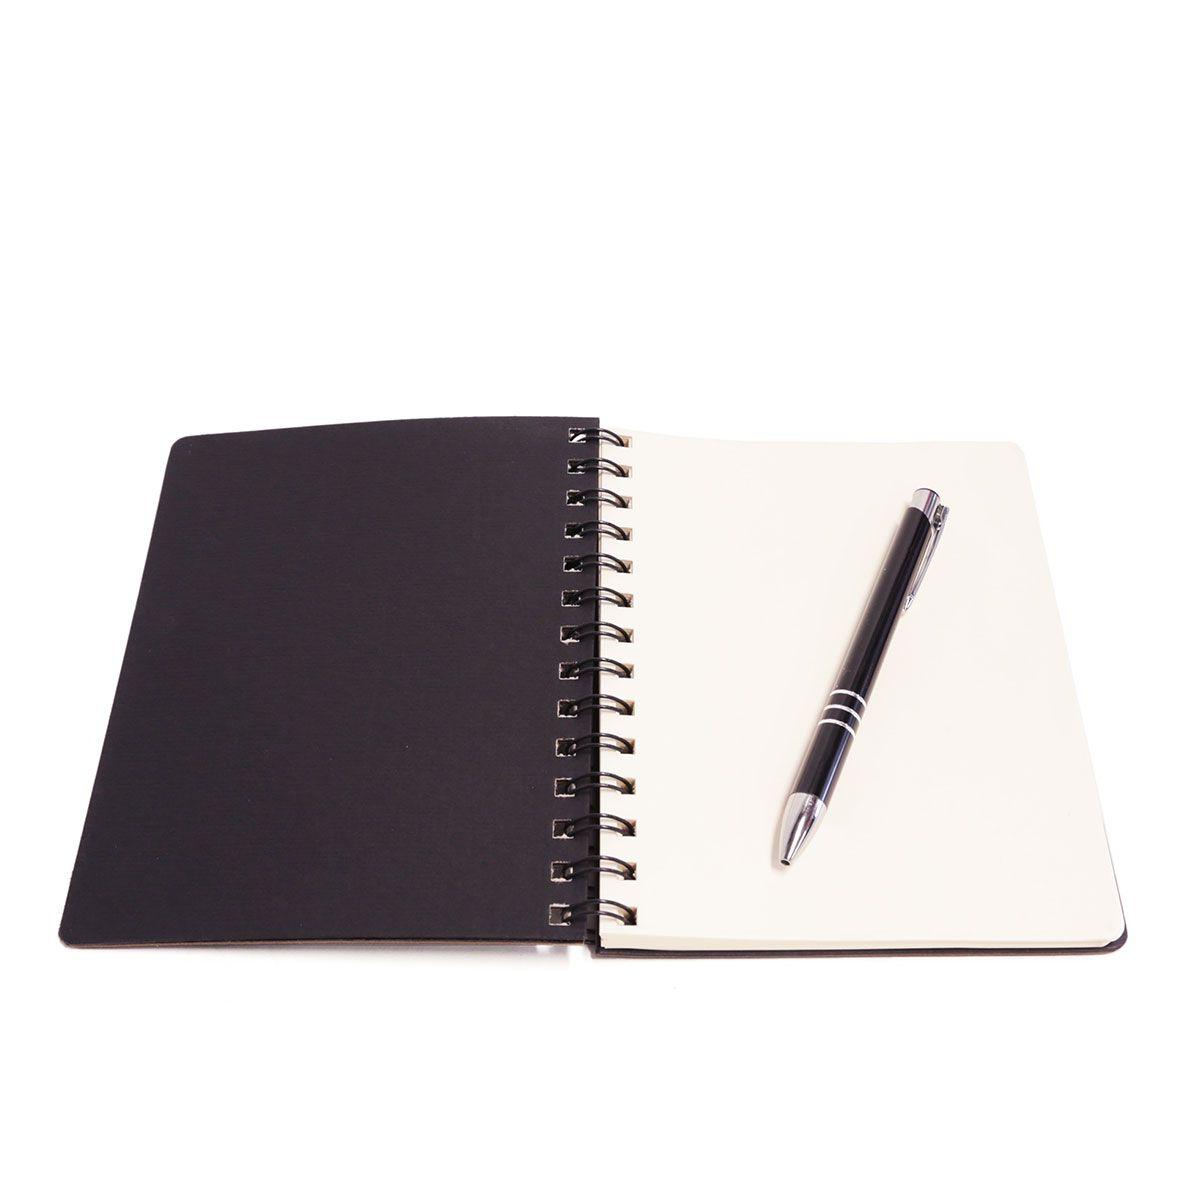 Caderno wire-o com caneta (Montana Preto)